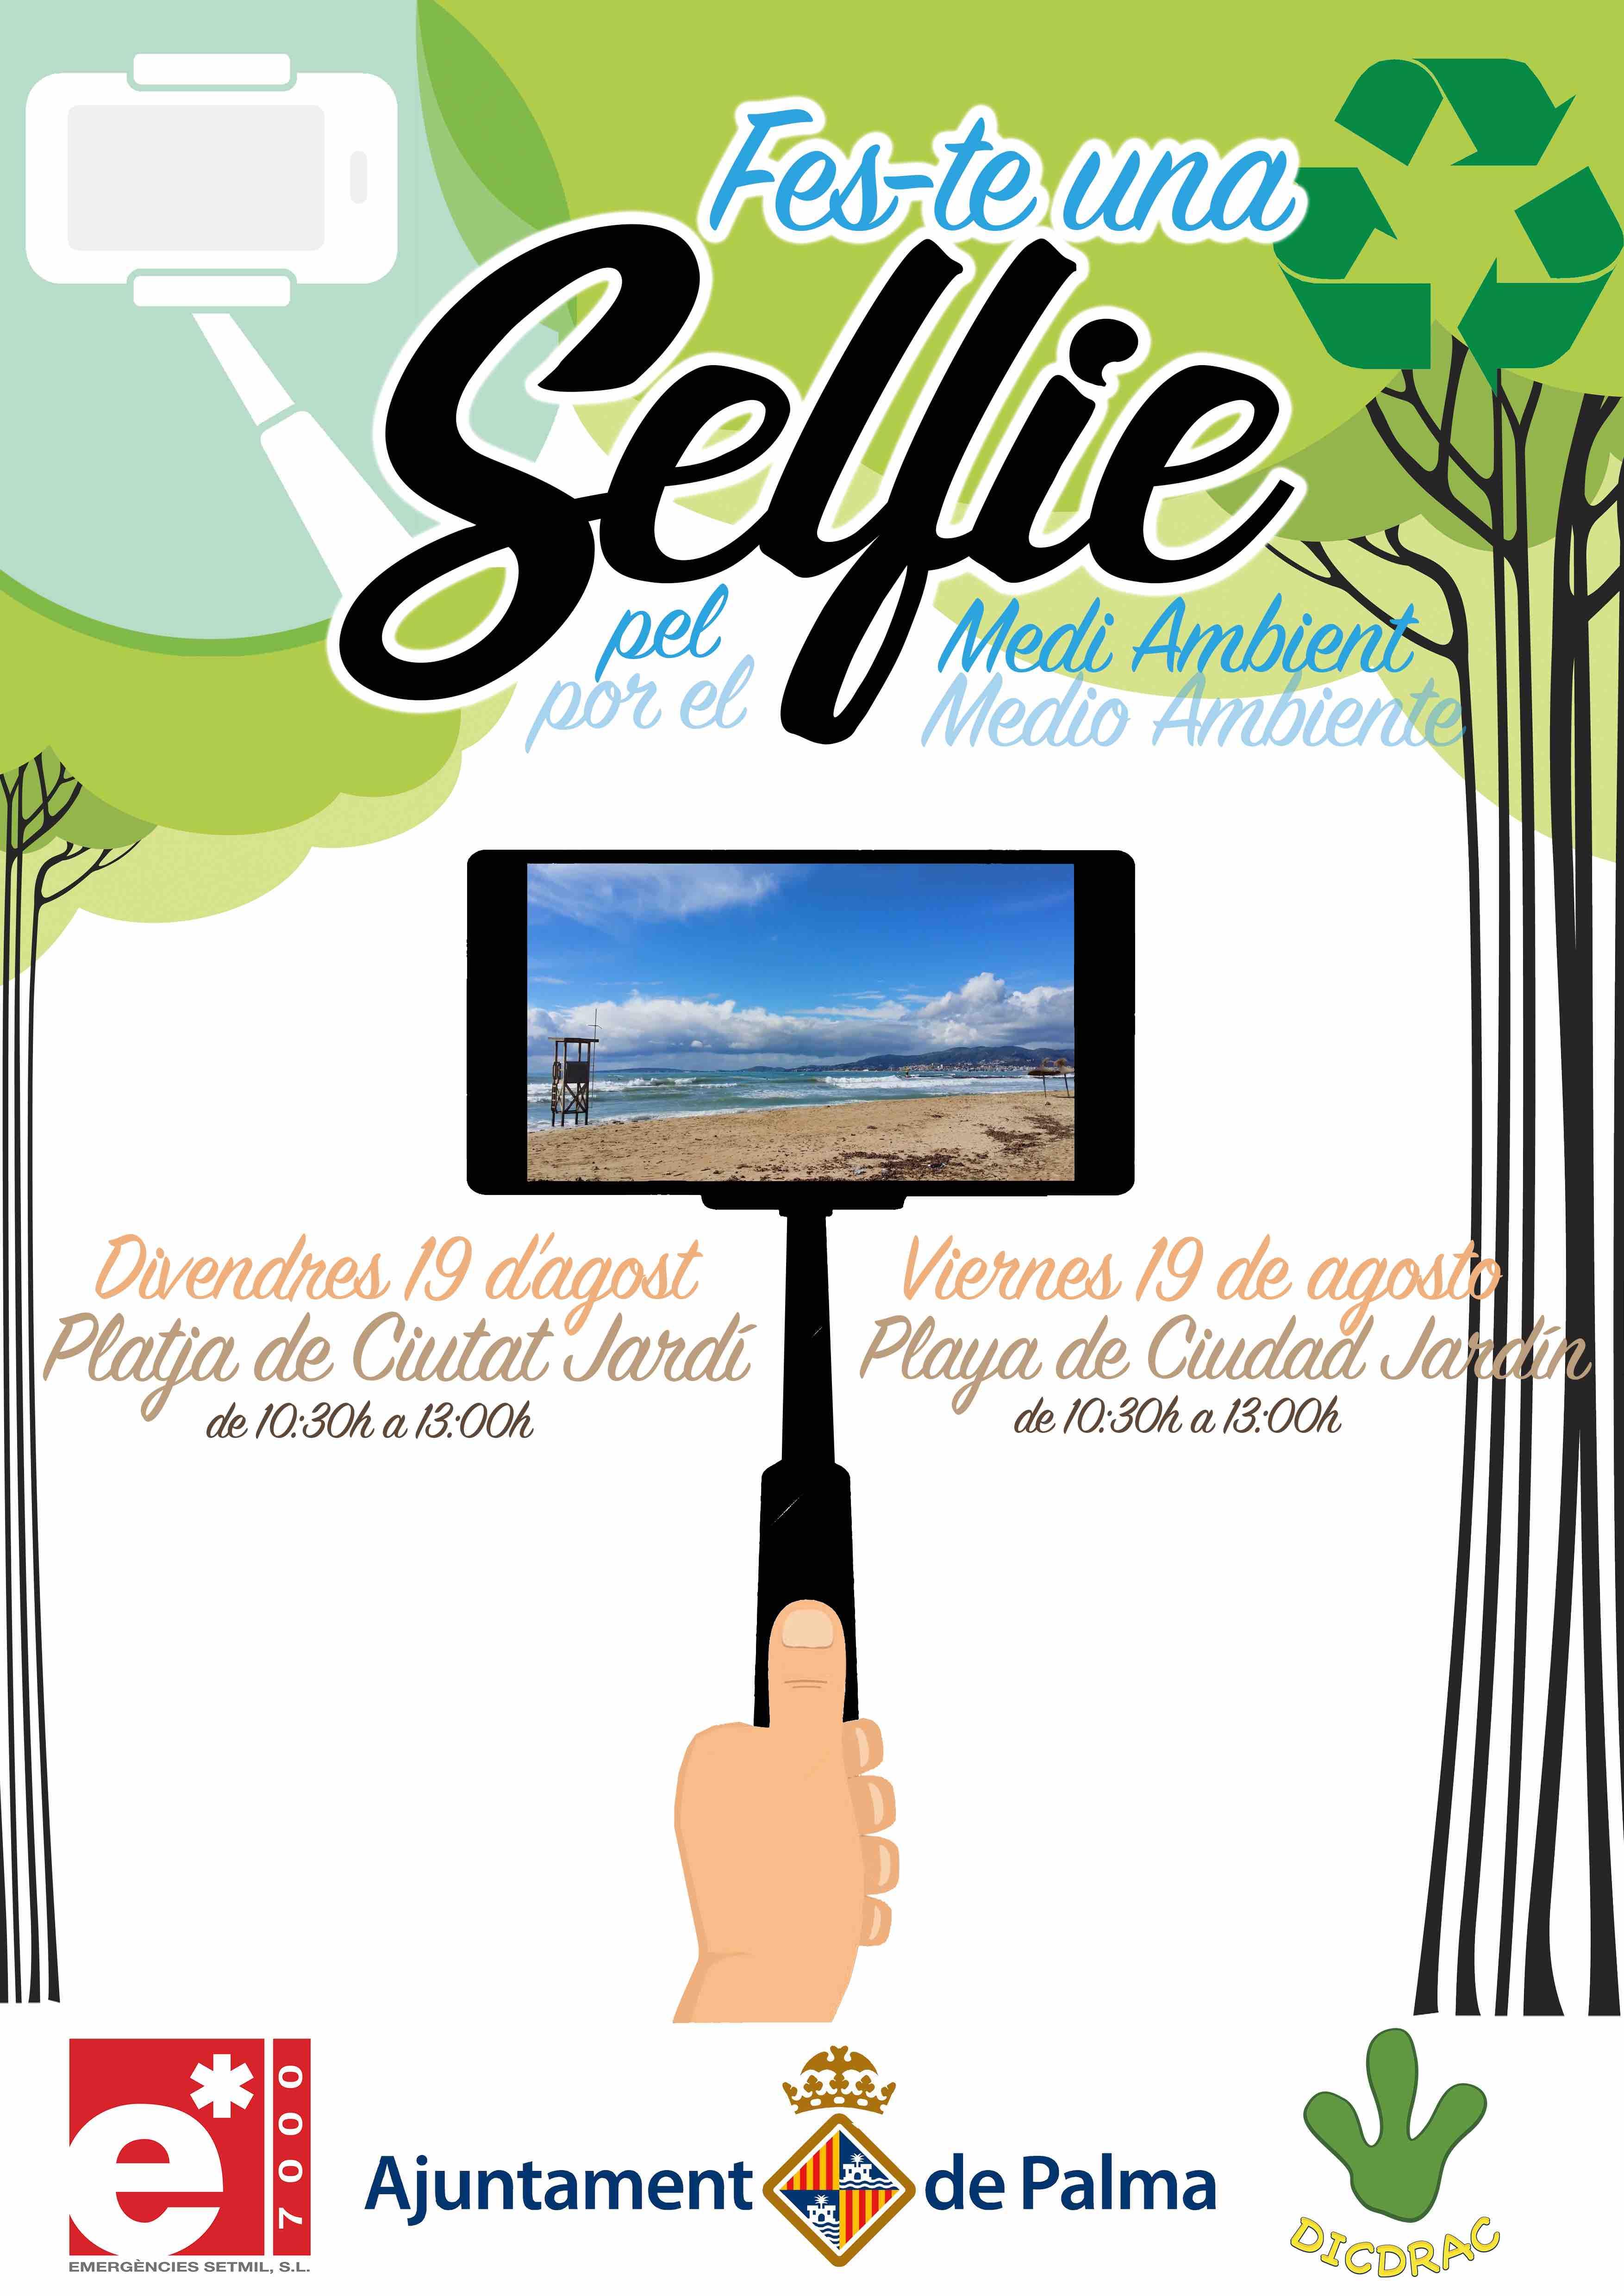 Selfie Medioambiente